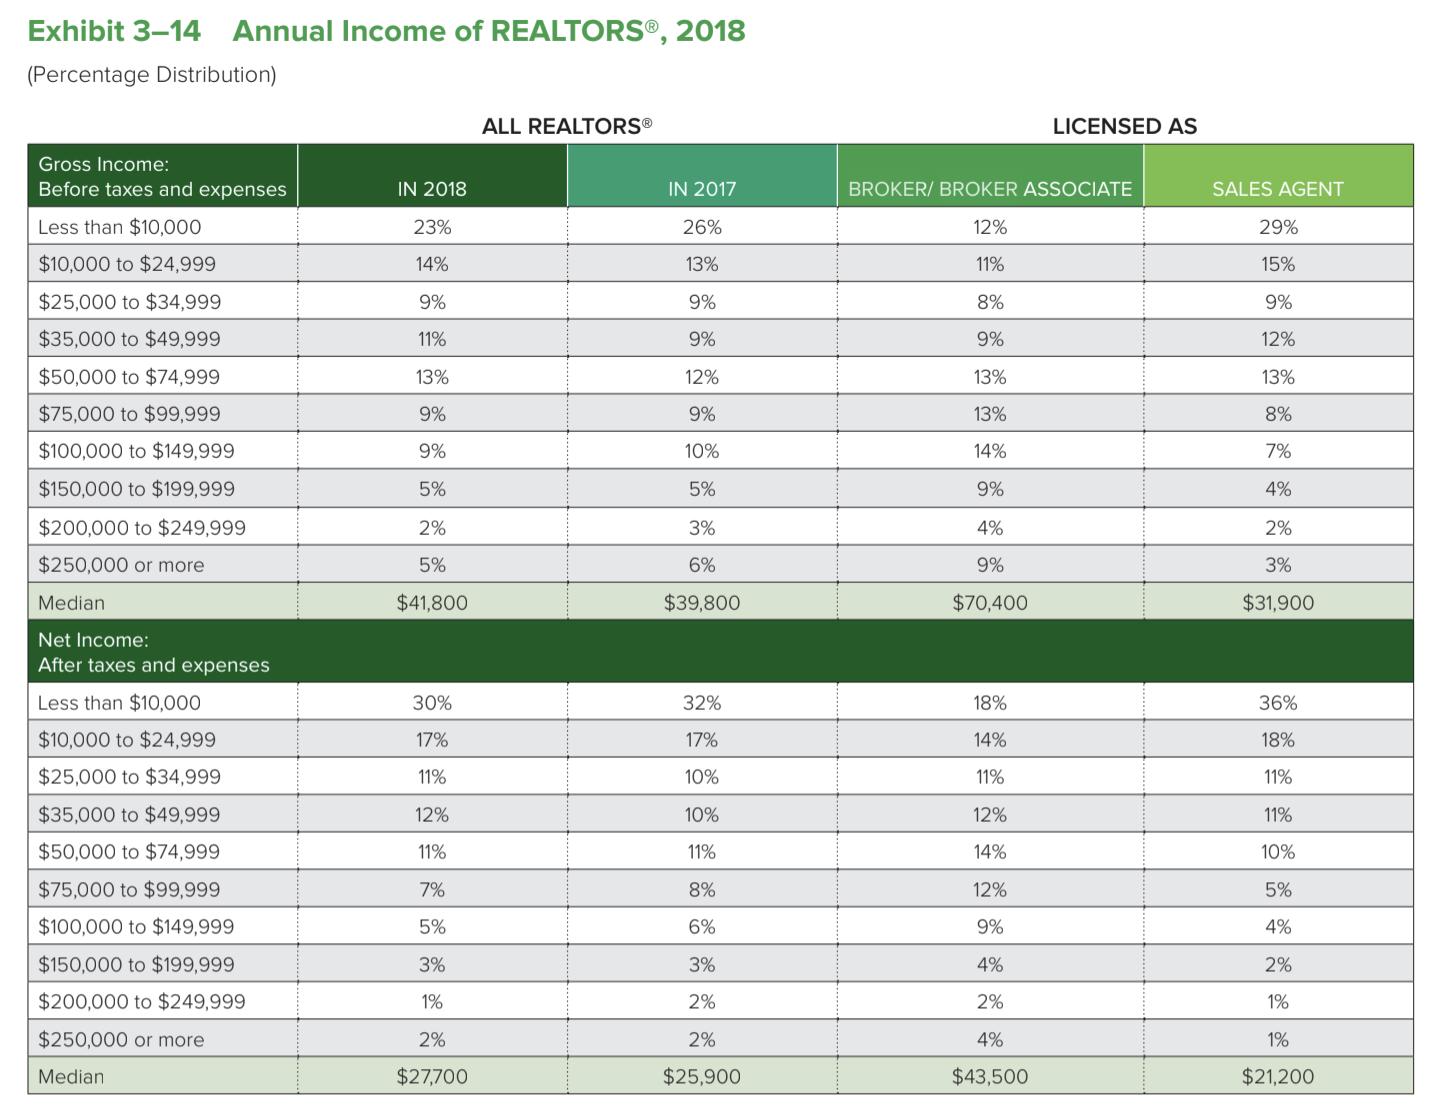 Annual Income of REALTORS